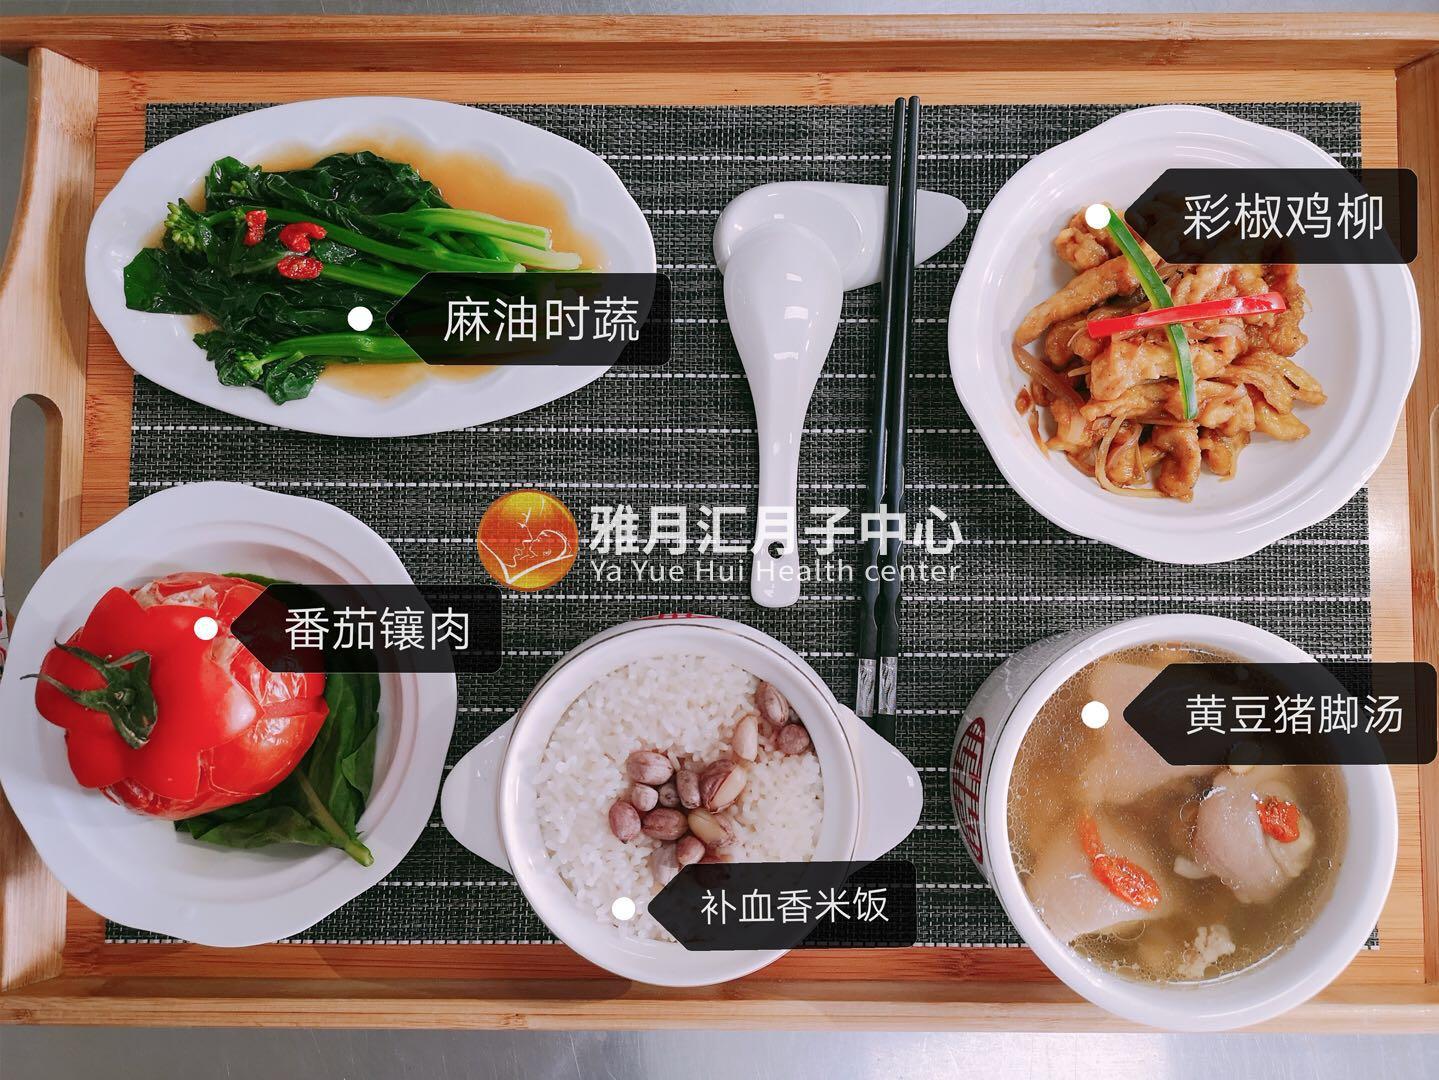 福州月子中心月子餐